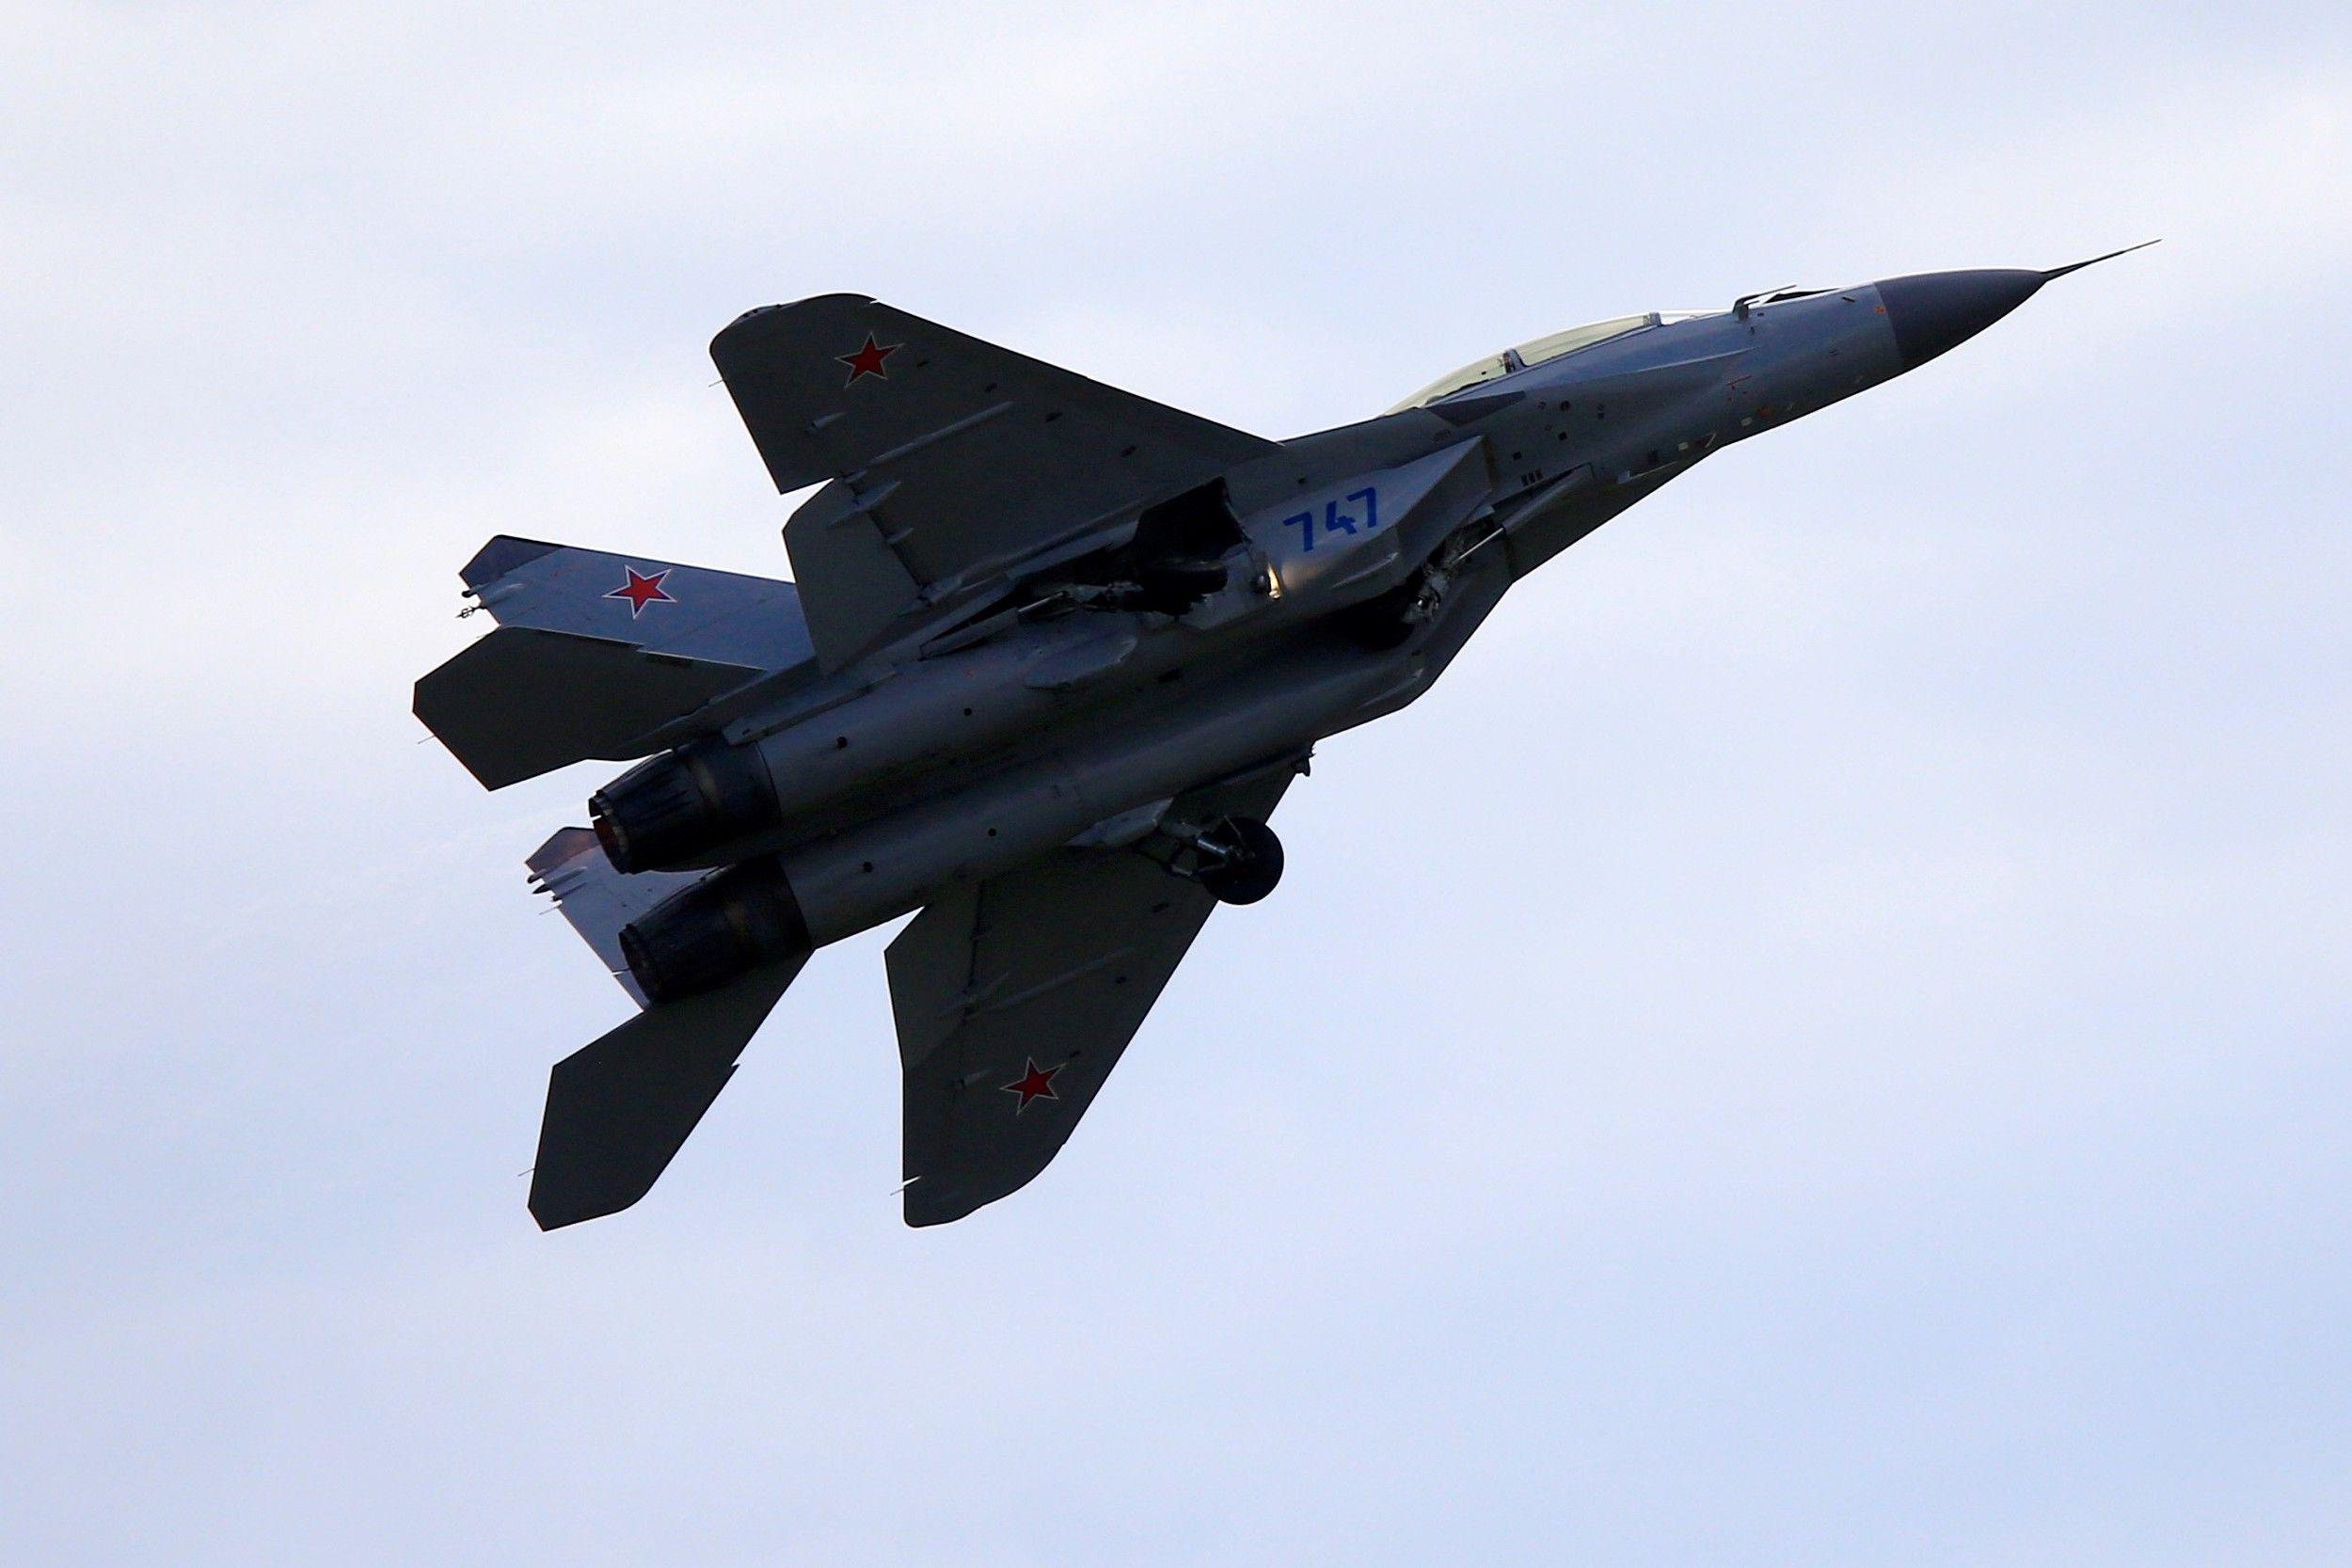 今天的军事新闻航行演出掉零件马来西亚为何僵持要购置米格35战役